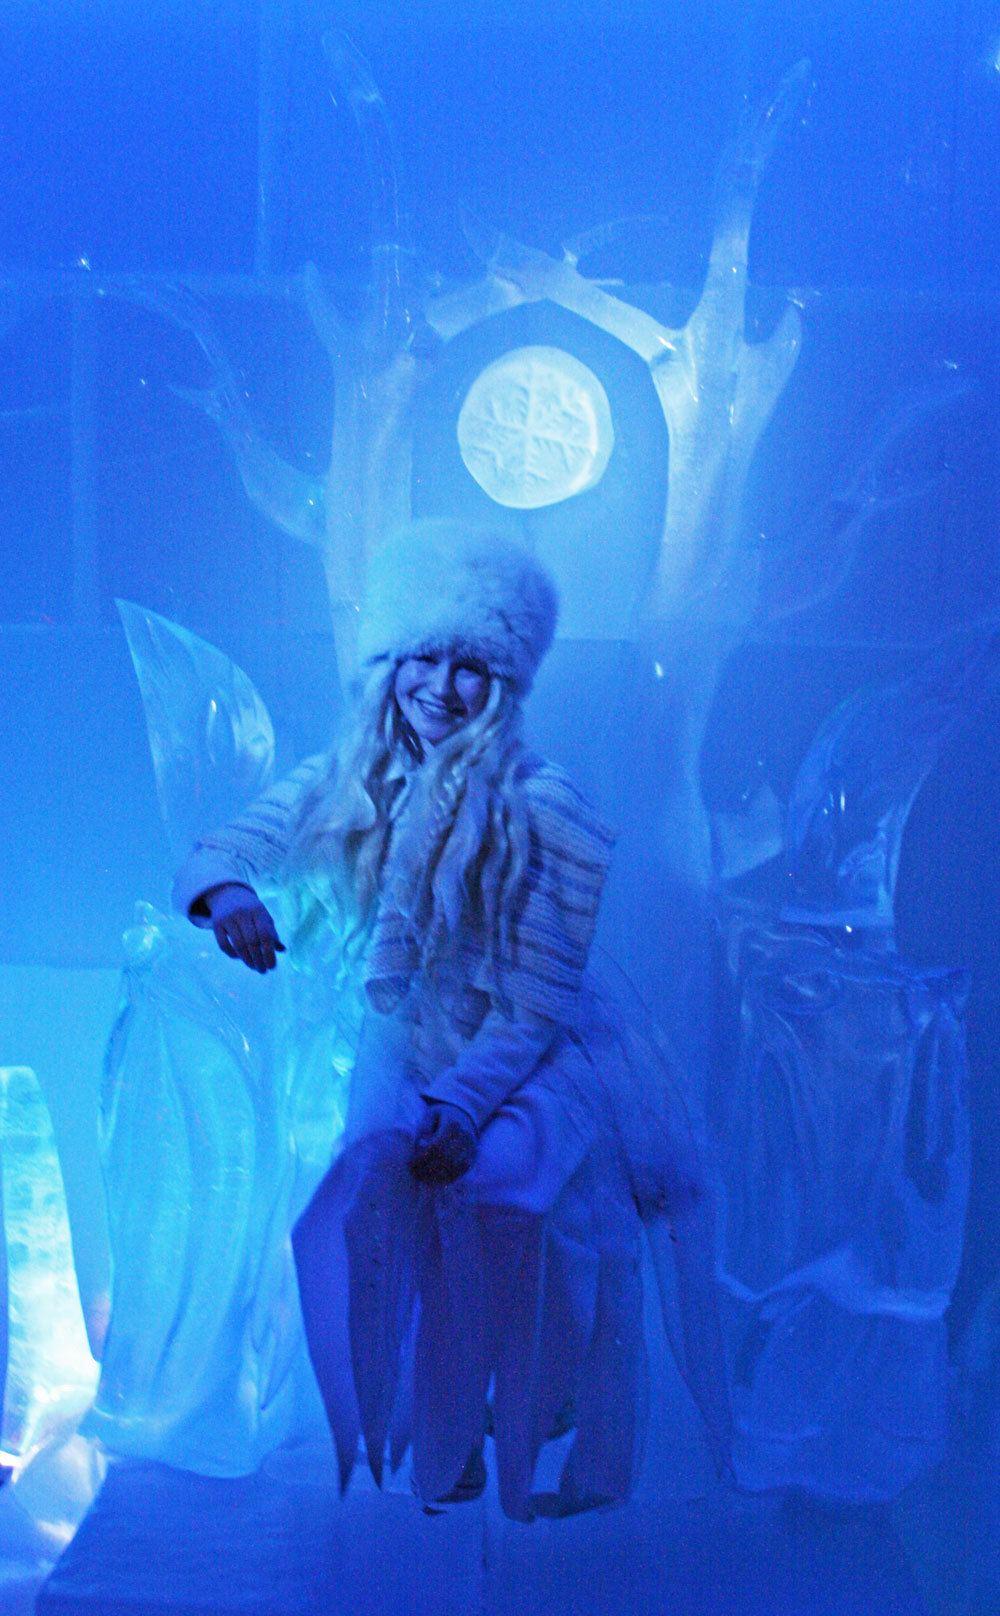 Ice Princess at SantaPark, Rovaniemi, Finland